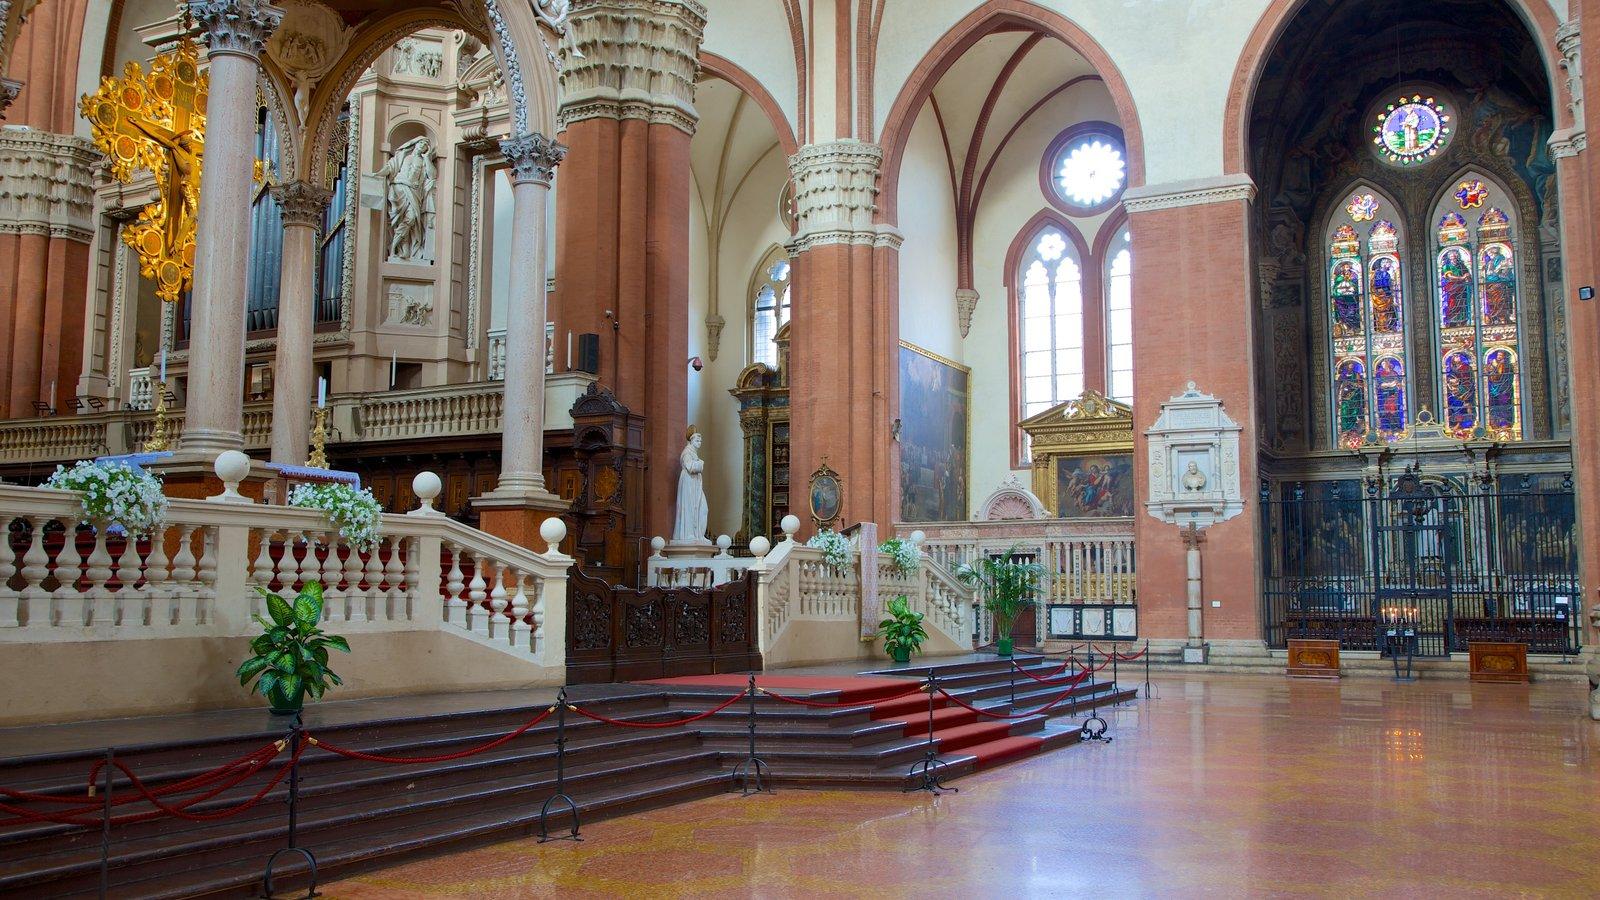 Basilica S. Petronio caracterizando vistas internas, uma igreja ou catedral e elementos religiosos